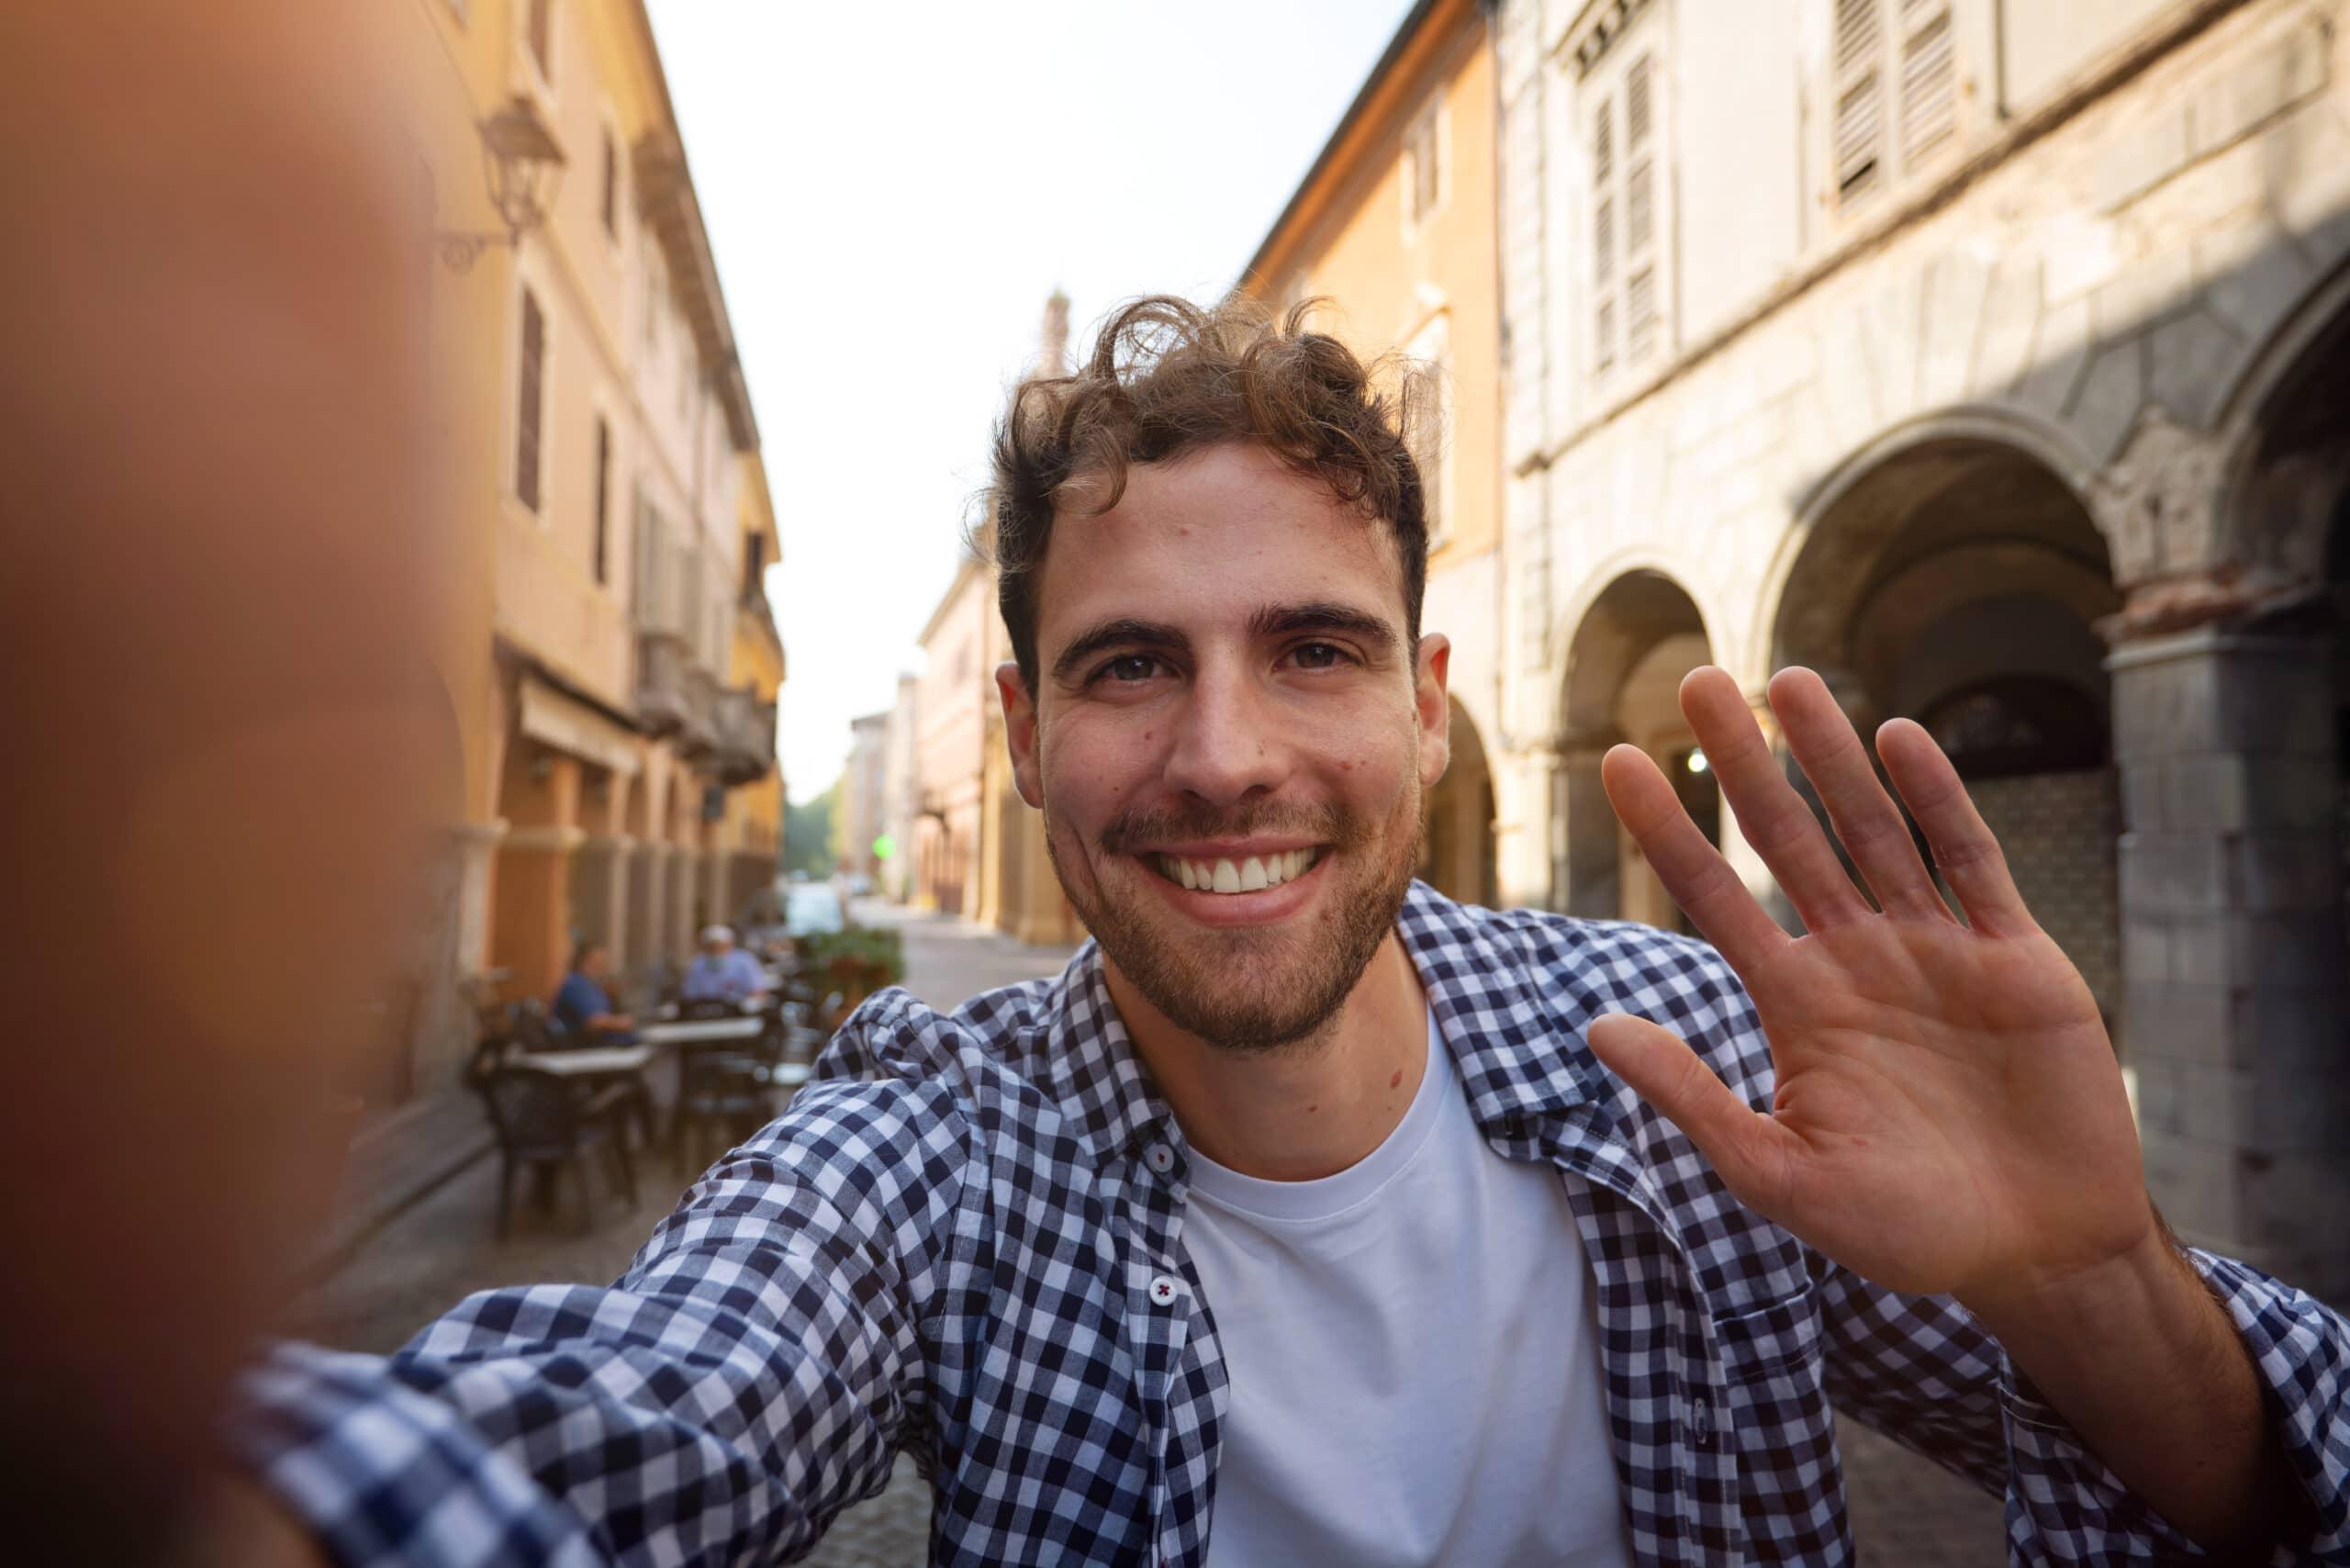 TikTok-markkinointi. Mies kuvaa selfie-videota.